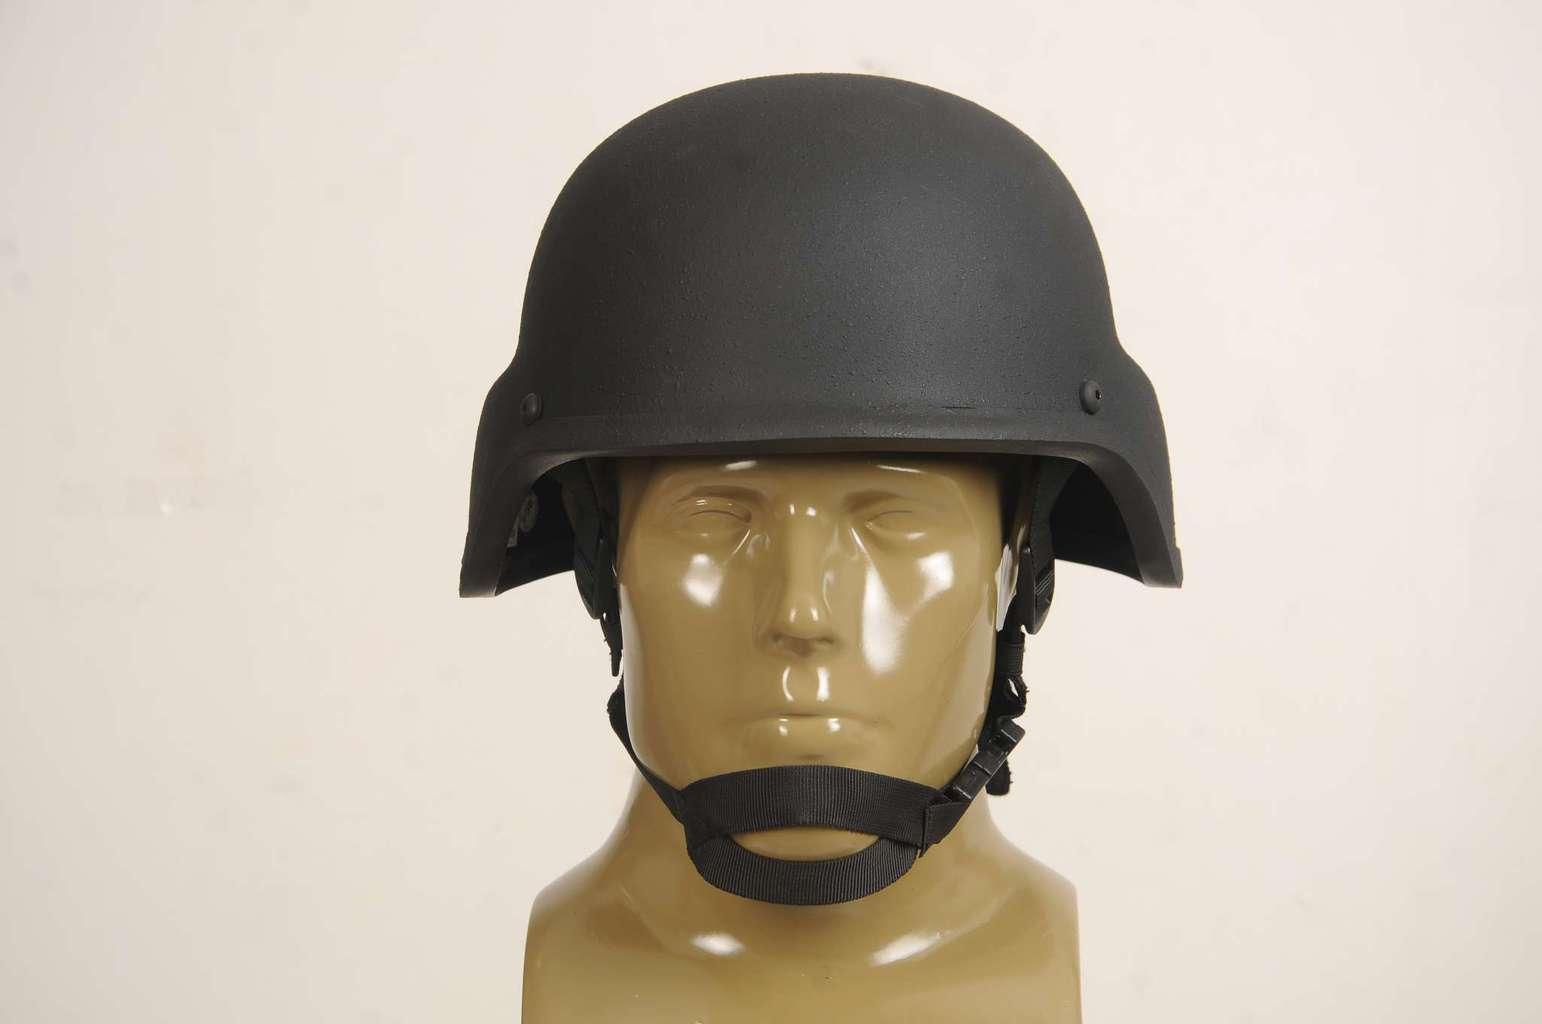 Ultra lightweight helmet for military